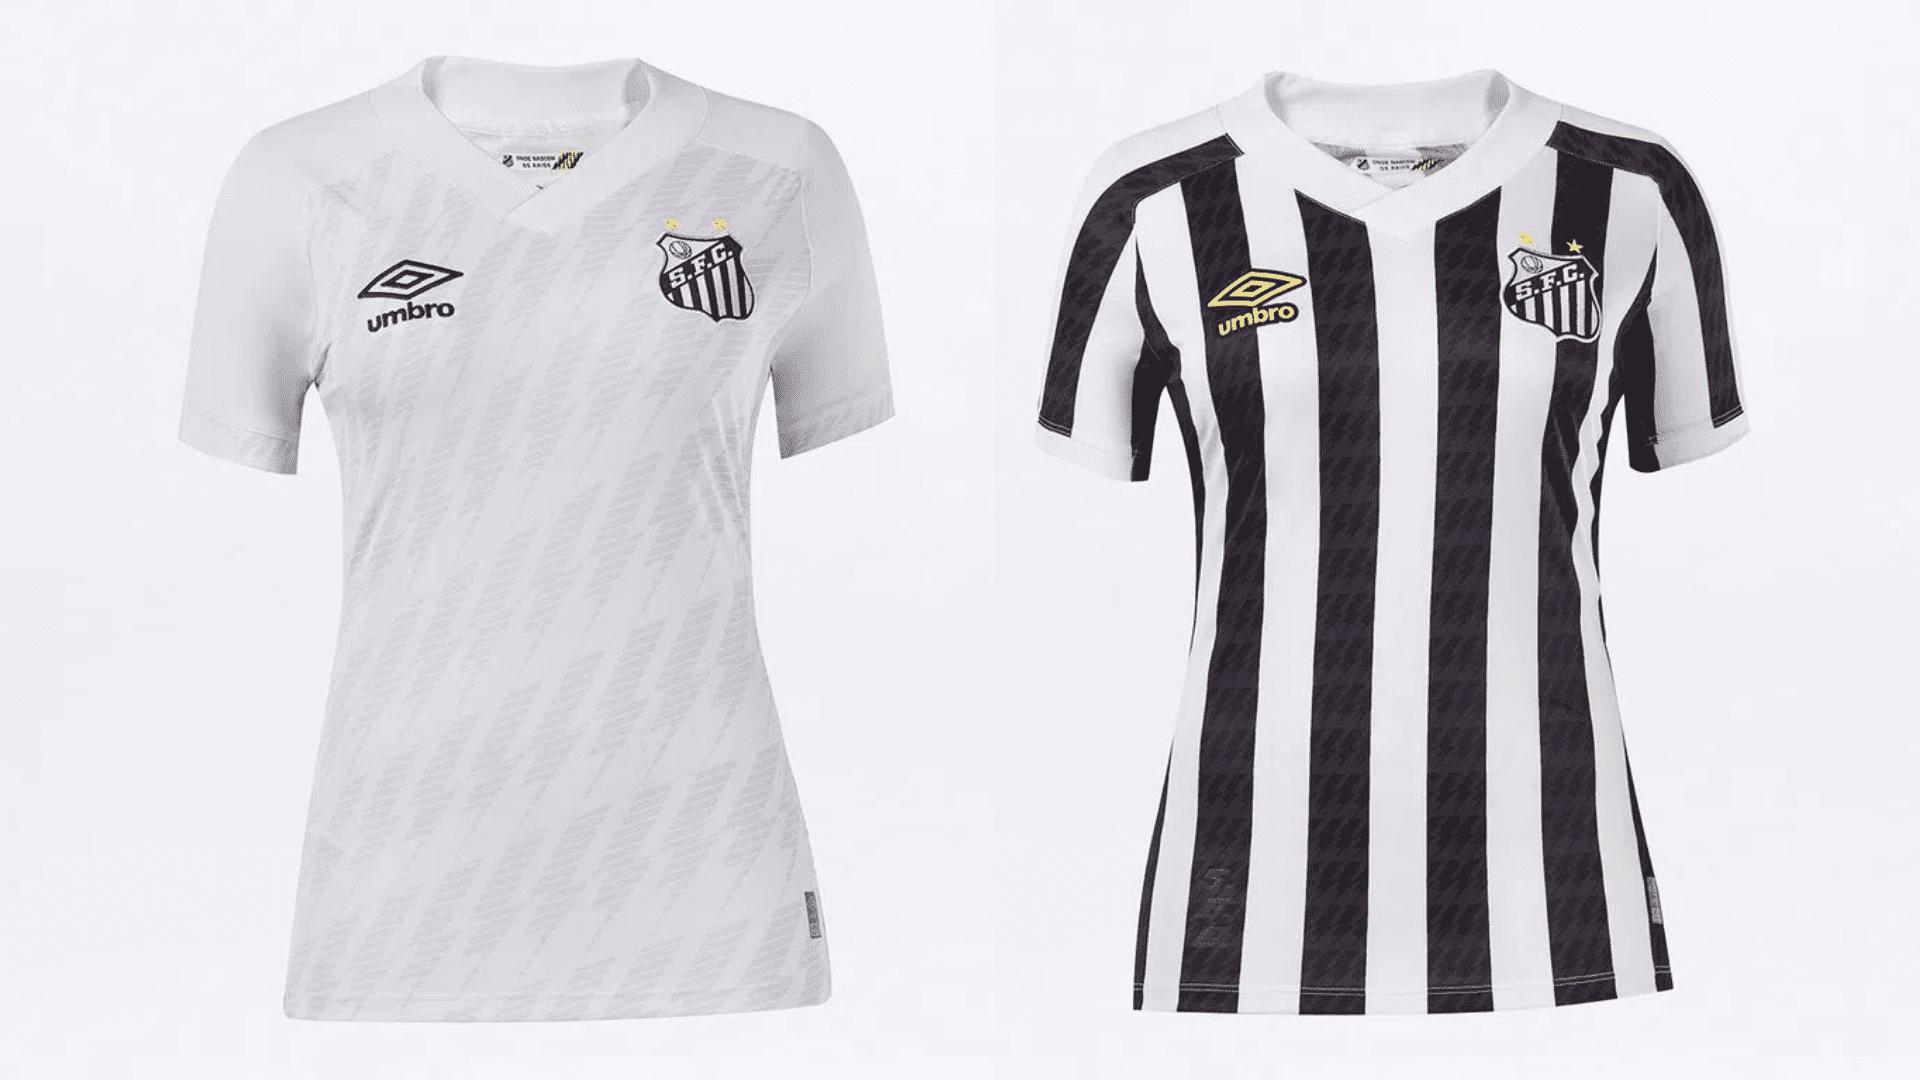 Camisa do Santos Feminina 2021 Umbro Jogo 1 e 2 (Imagem: Divulgação/Umbro)